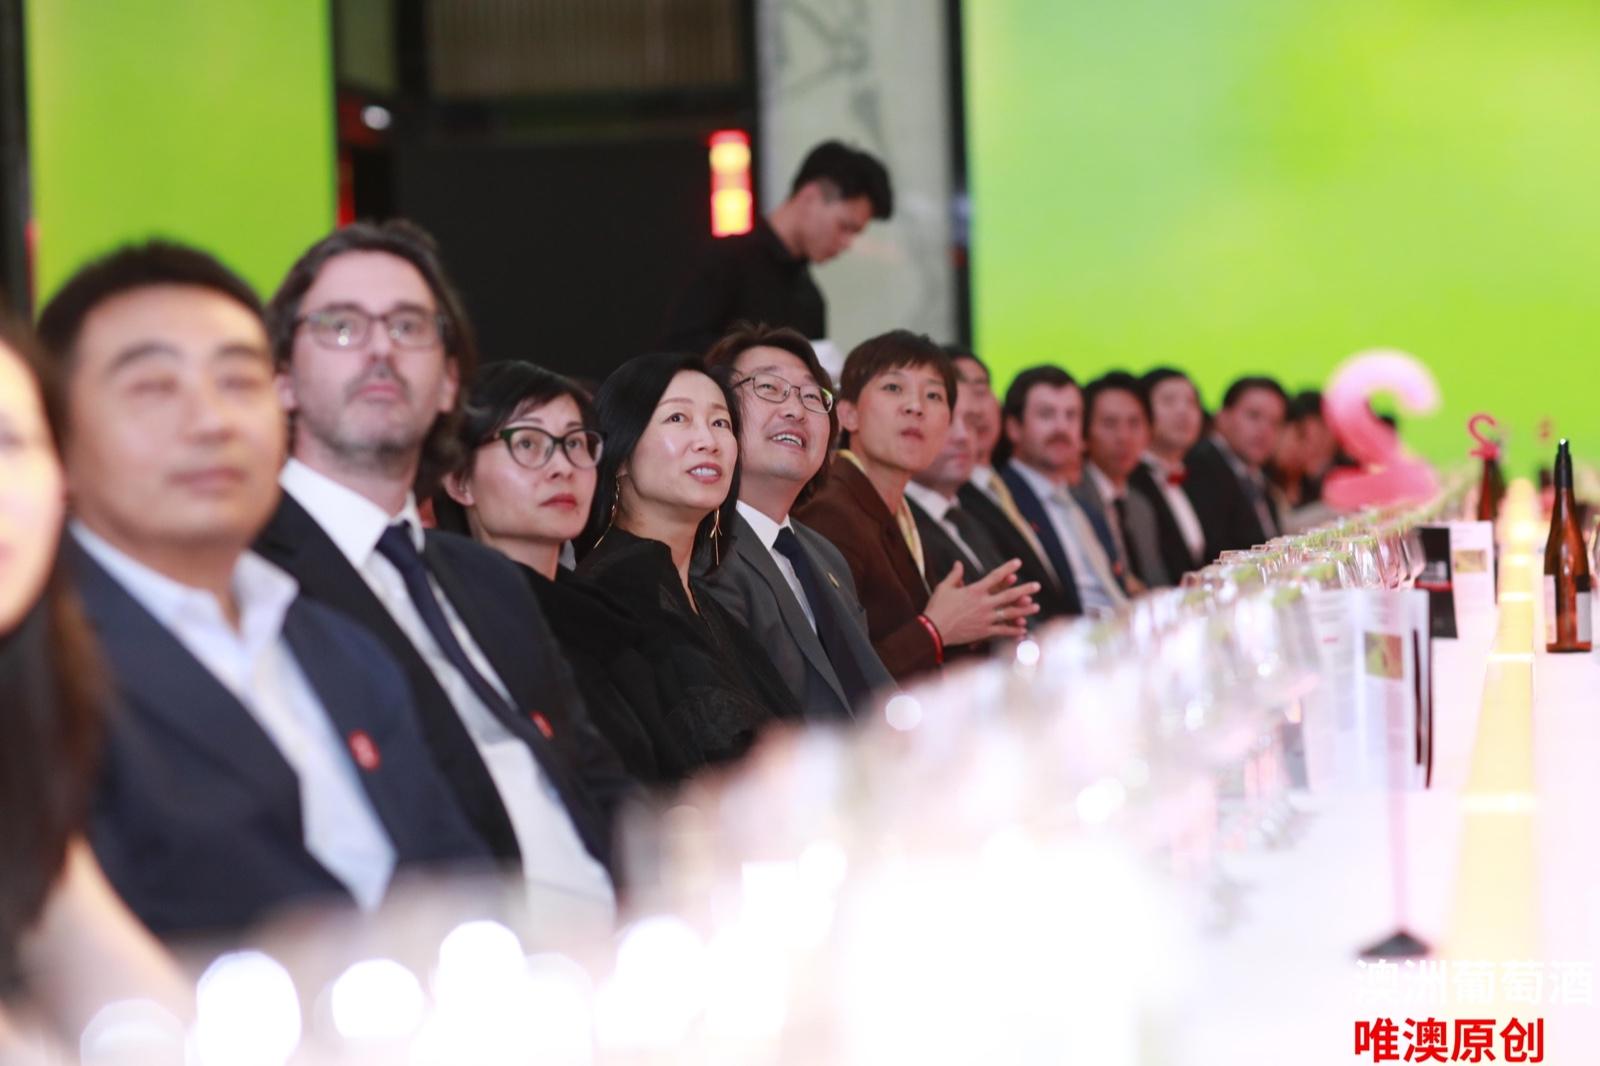 榜单 澳大利亚葡萄酒管理局中国区2019年度奖项揭晓